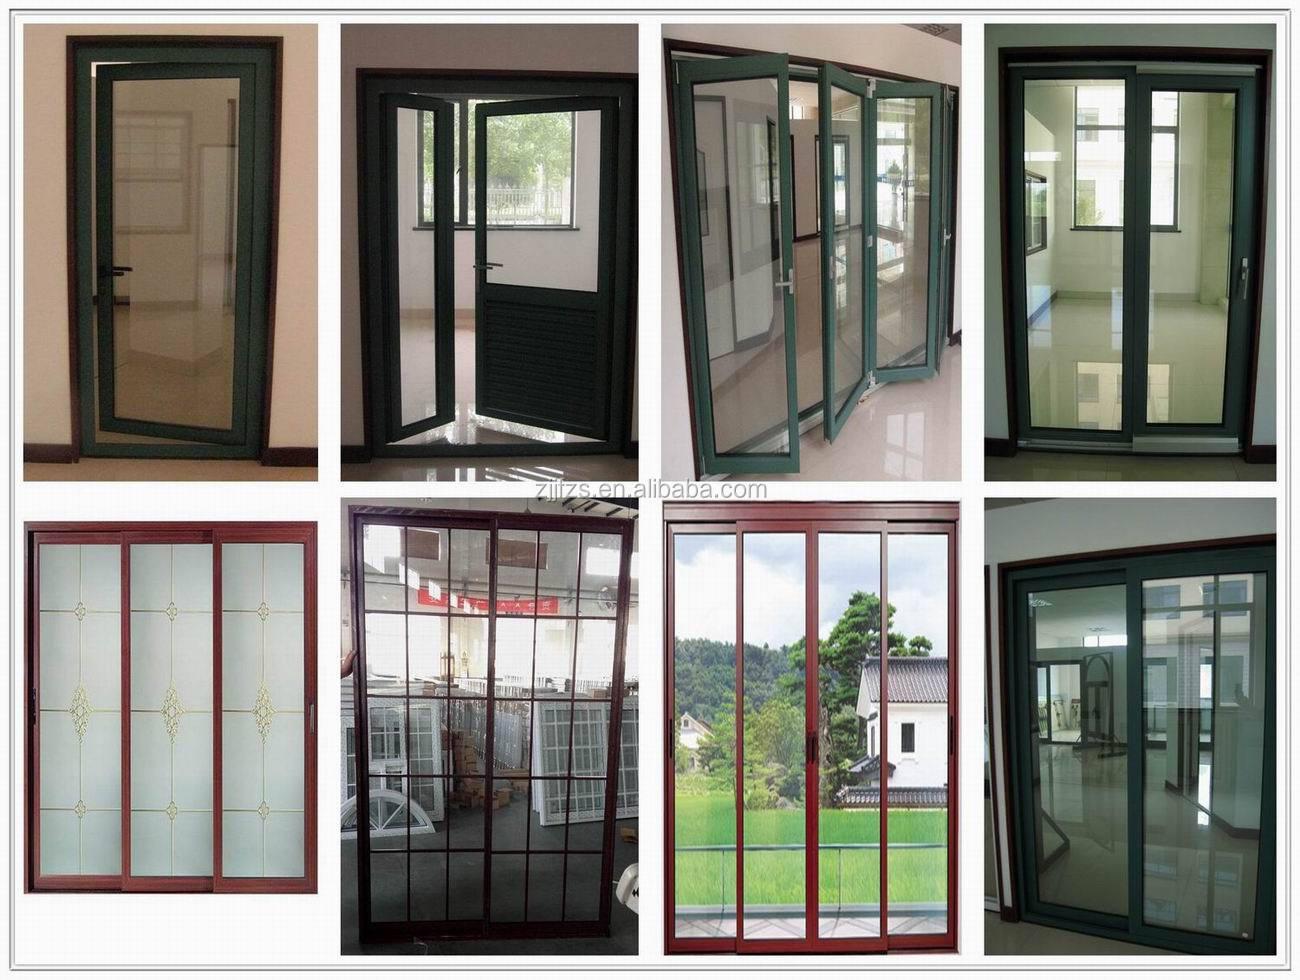 Puertas aluminio precios trendy con avanza resulta for Puerta exterior aluminio